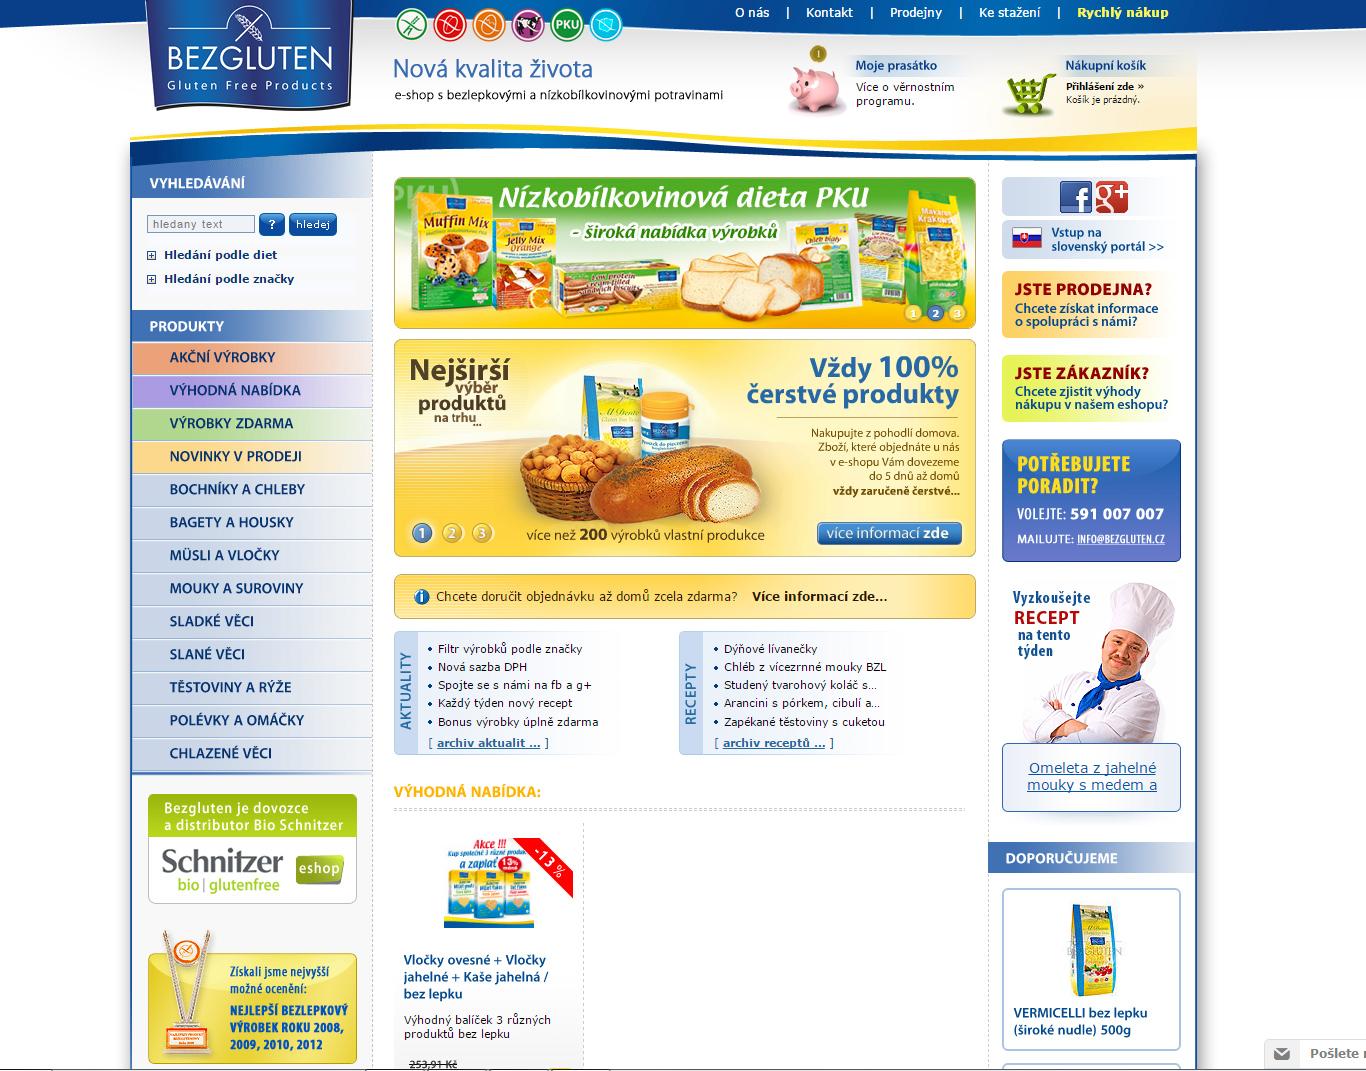 E-shop Bezgluten.cz